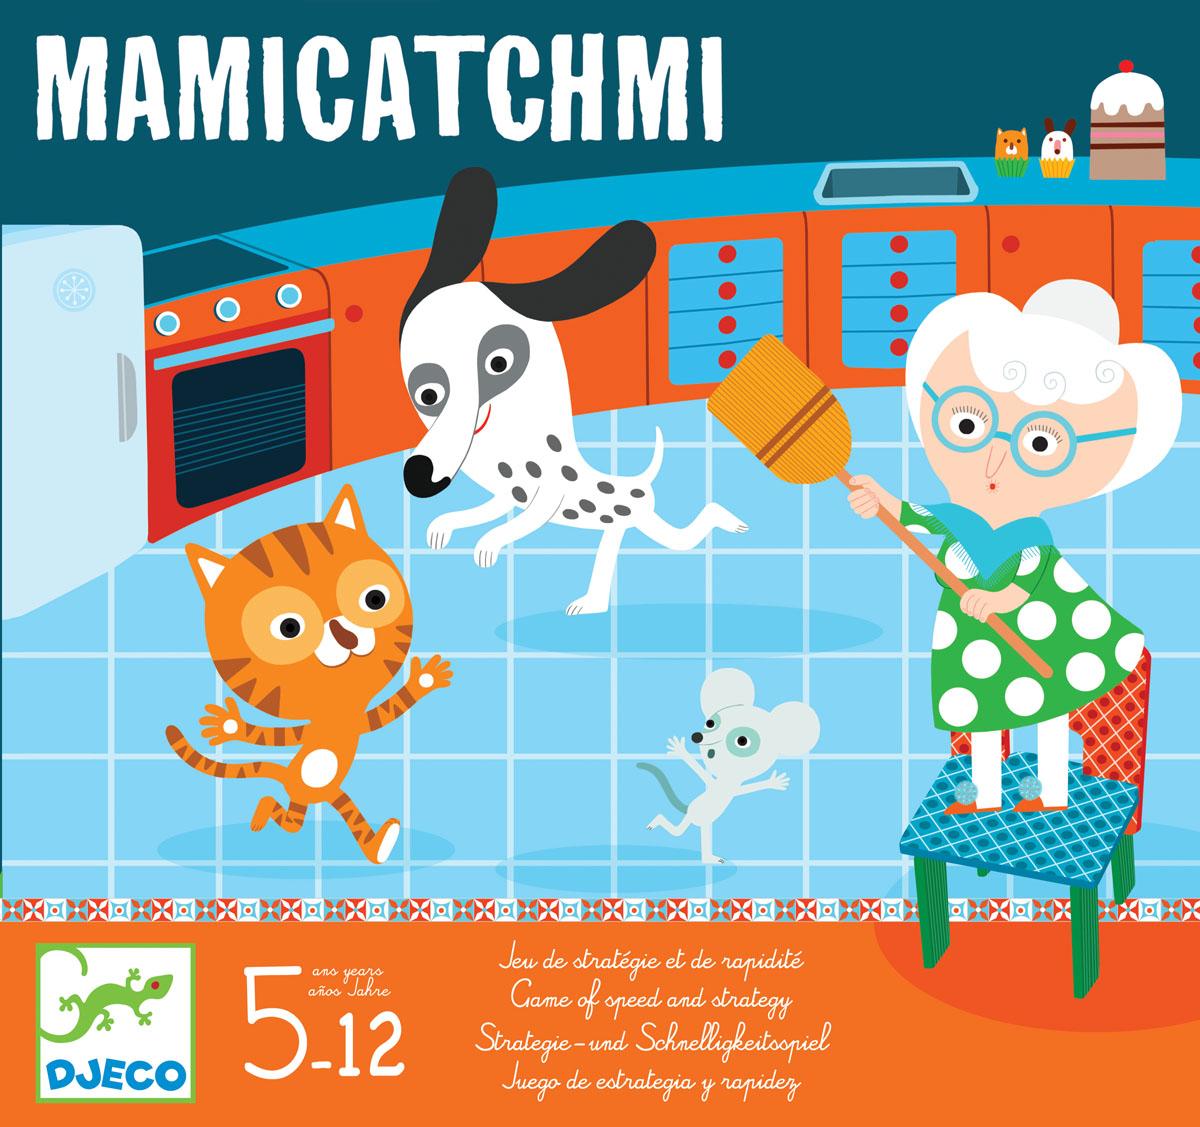 Djeco Настольная игра Поймай!08438Настольная игра Поймай! от известного французского производителя Djeco – веселая игра на наблюдательность и скорость для детей возрастом от 5 лет! Игра развивает быстроту реакции детей, внимание и наблюдательность. Погоня началась! Действие происходит на кухне и в саду: если мышка покажет кончик носа, бабушка бежит и запрыгивает на свой стул. А когда собака преследует кошку, та забирается на дерево. Каждый раз, когда игроки бросают кубики, герои должны устремиться в правильное место. Количество игроков: 2-4 человек. Примерное время игры: 15 минут.